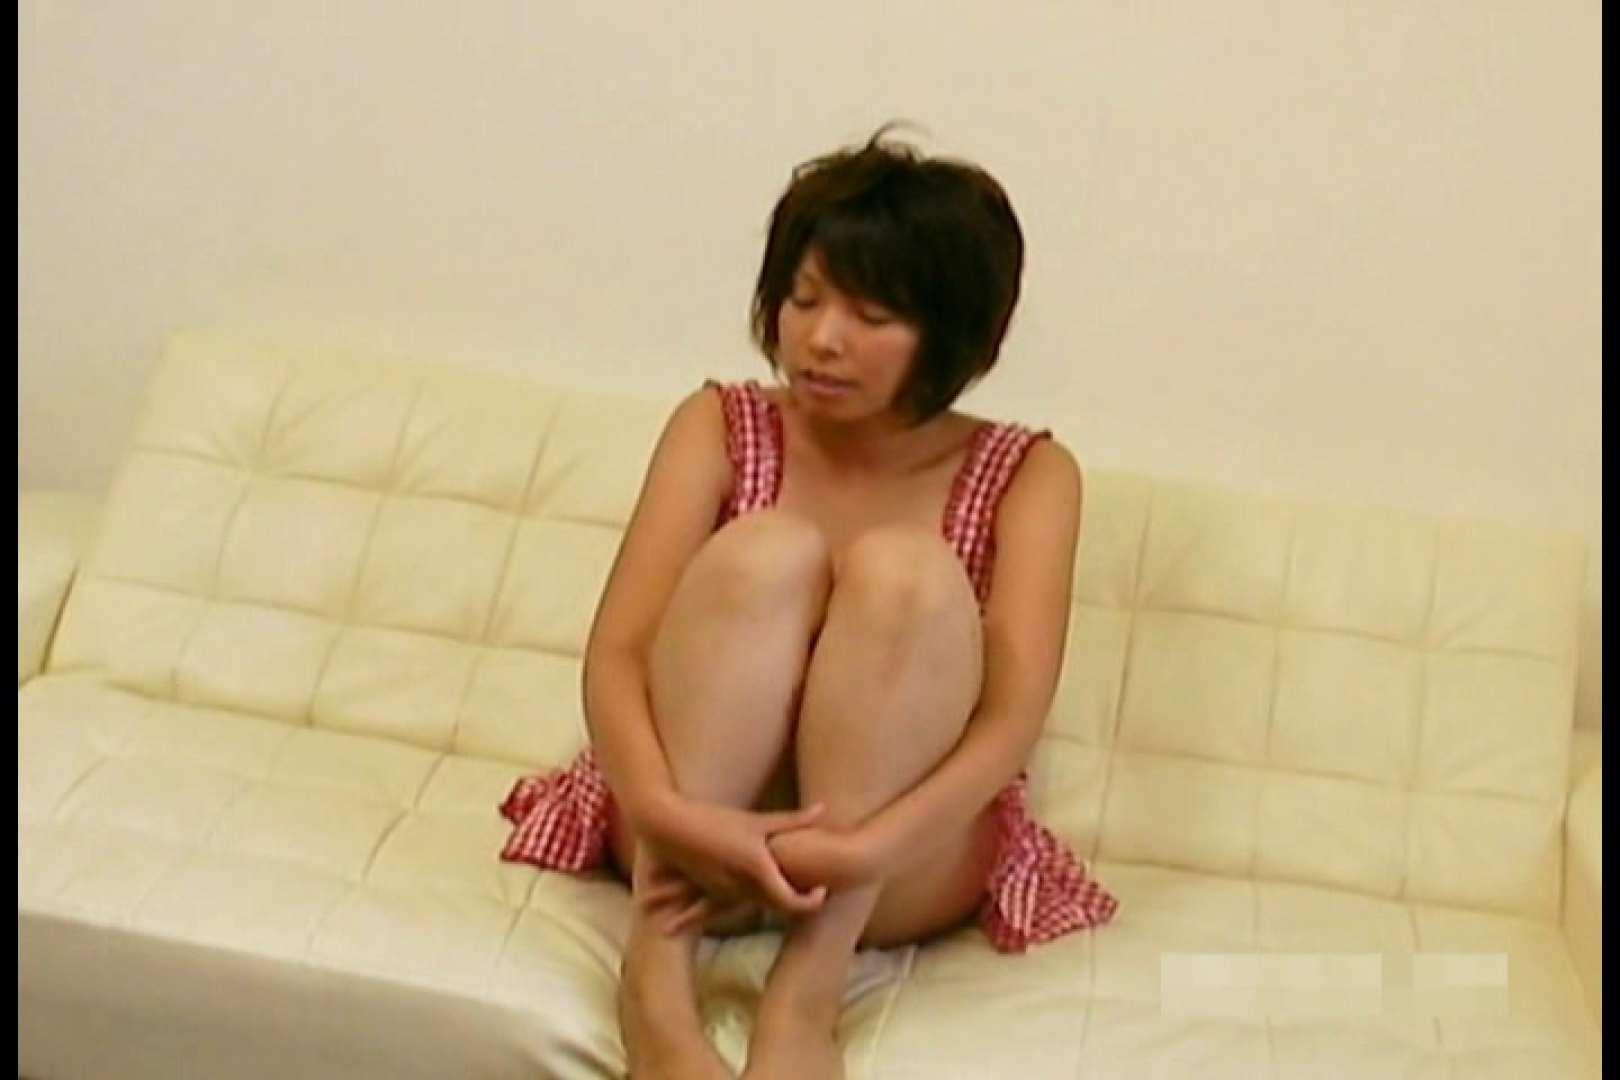 素人撮影 下着だけの撮影のはずが・・・エミちゃん18歳 盗撮   ギャル達のオマンコ  55画像 32